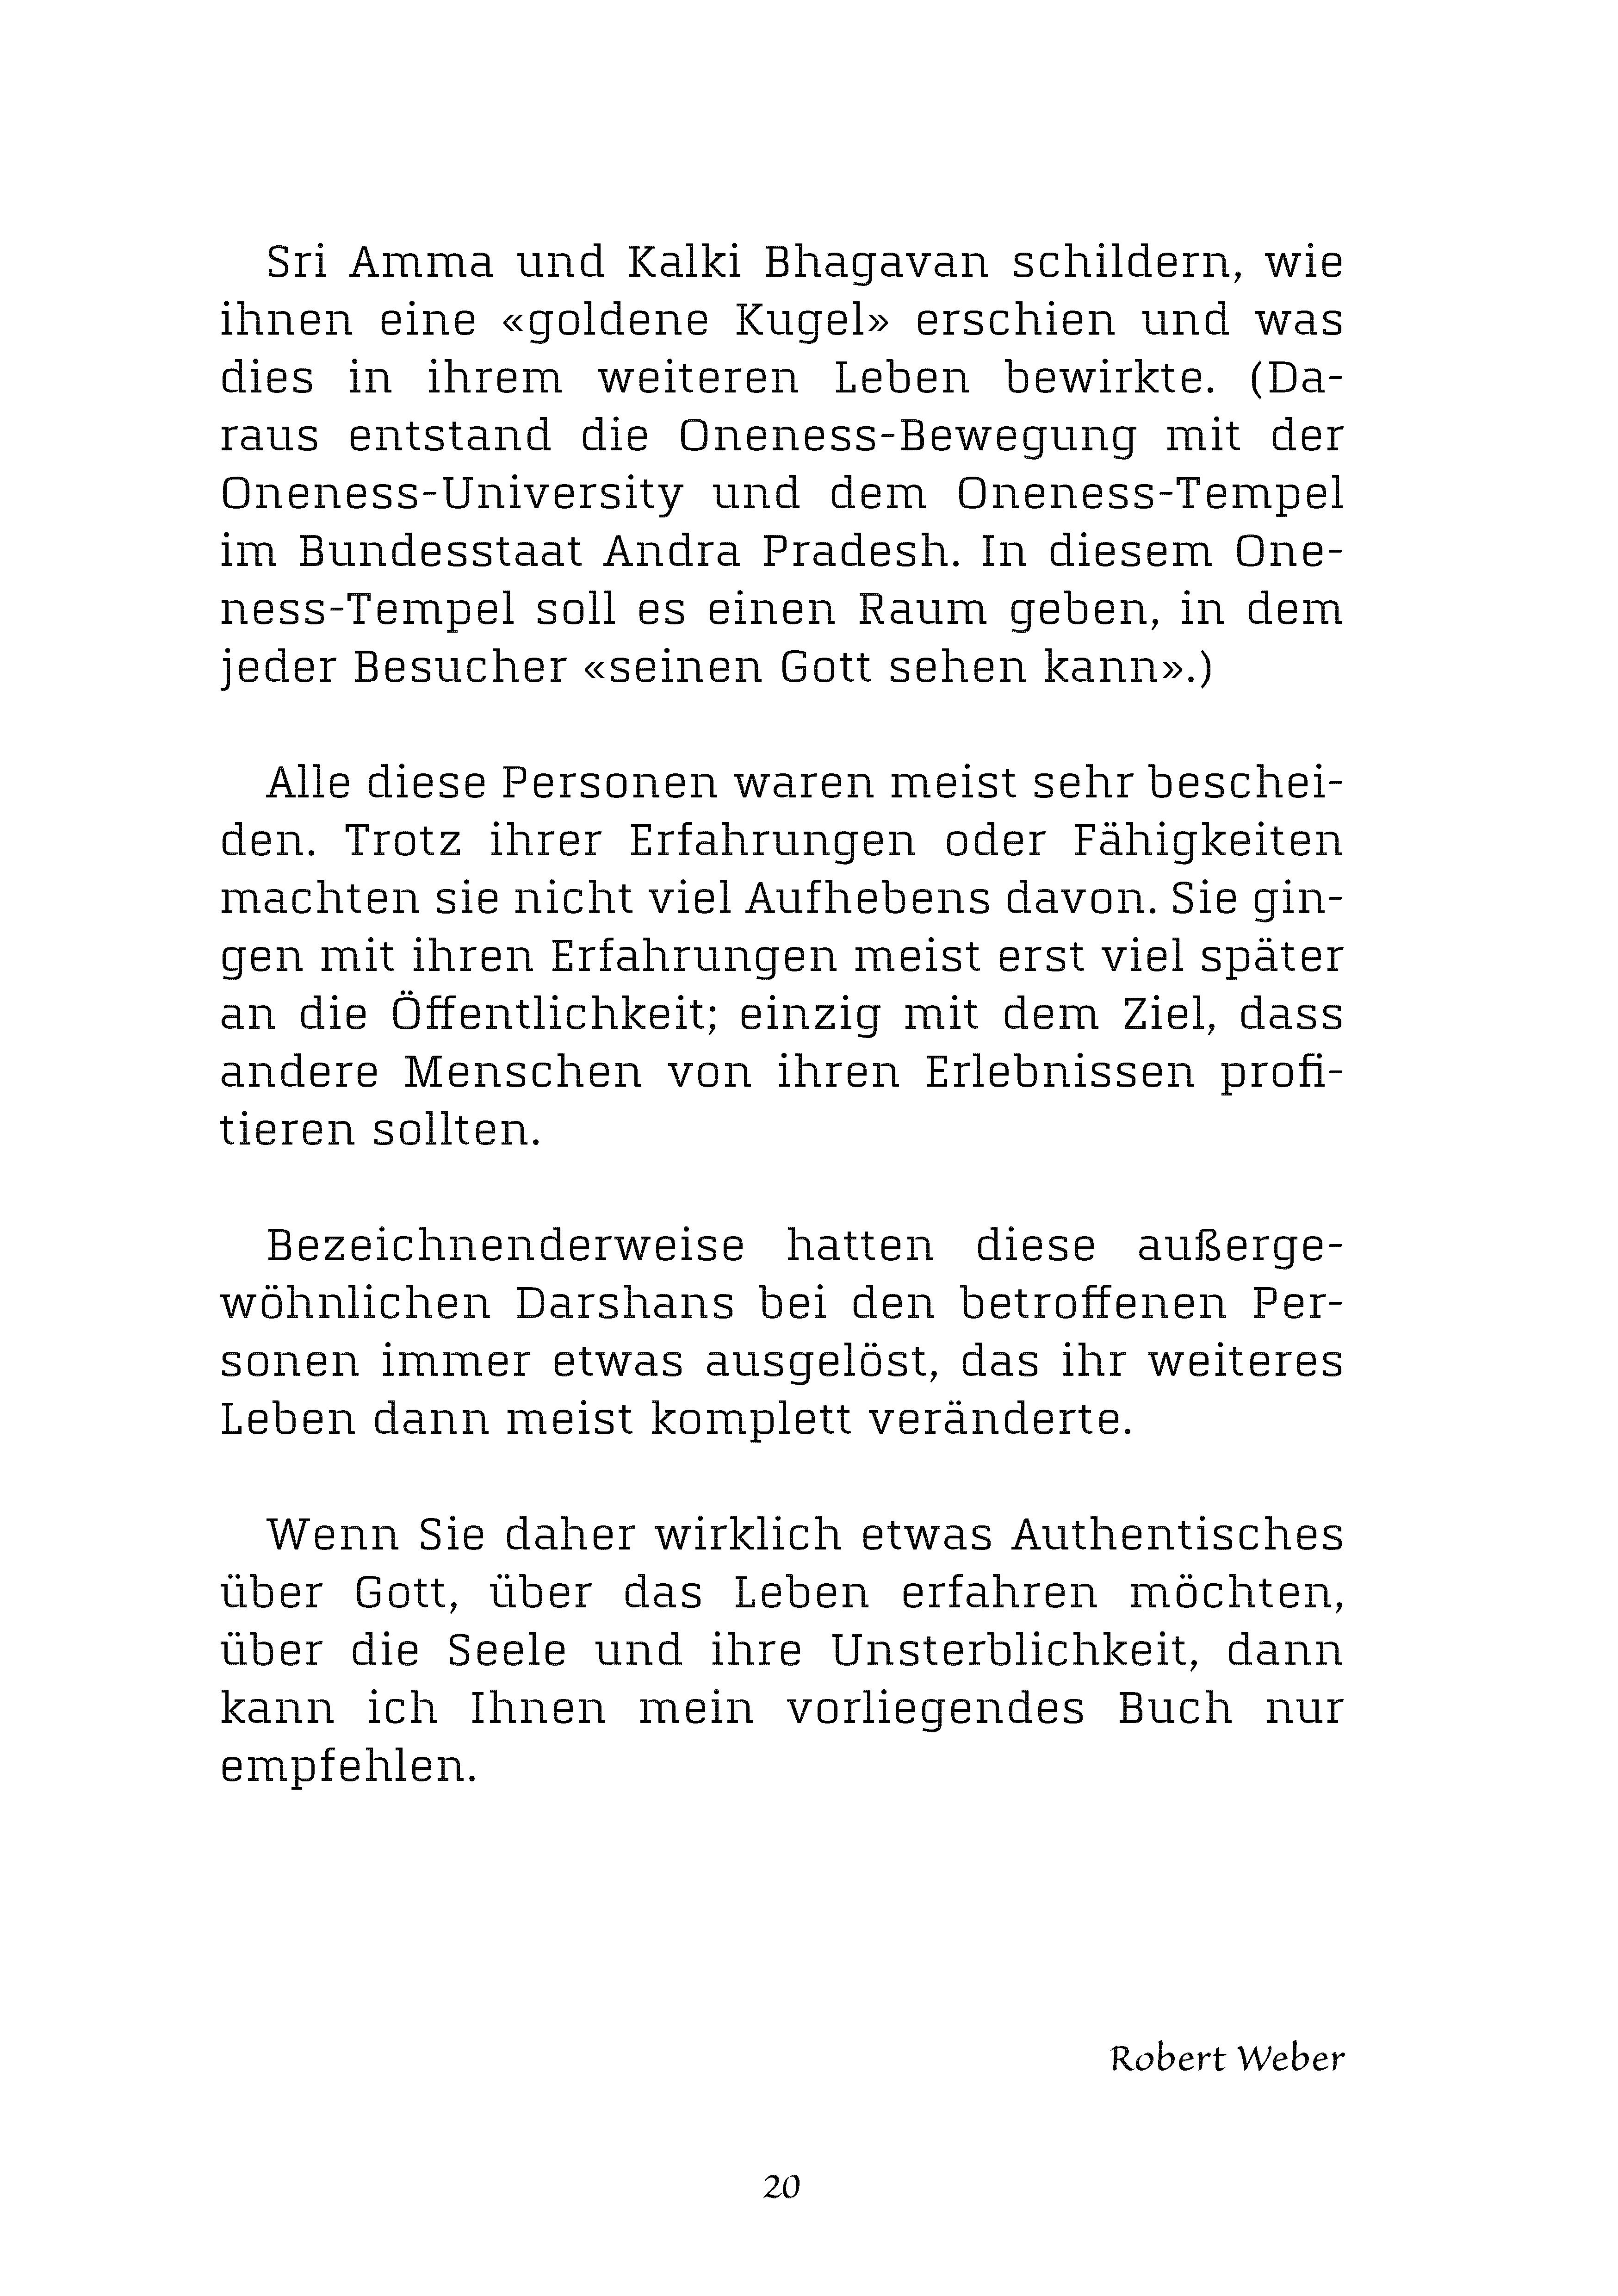 DARSHAN mit GOTT: Leseprobe, Einleitung, Seite 17 bis 24